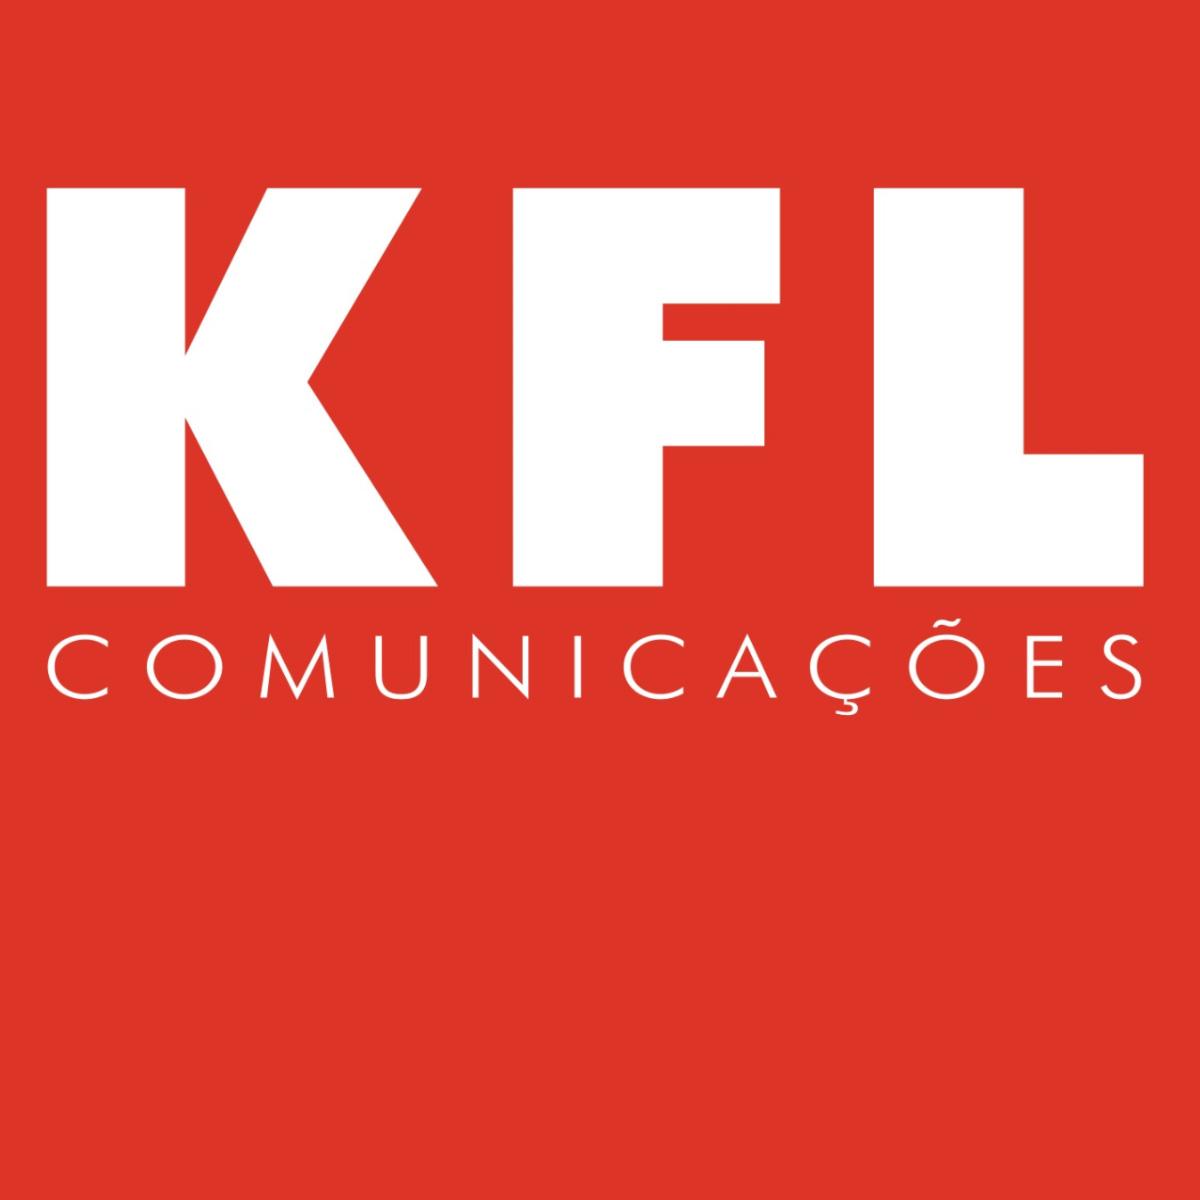 (c) Kflcomunicacoes.com.br